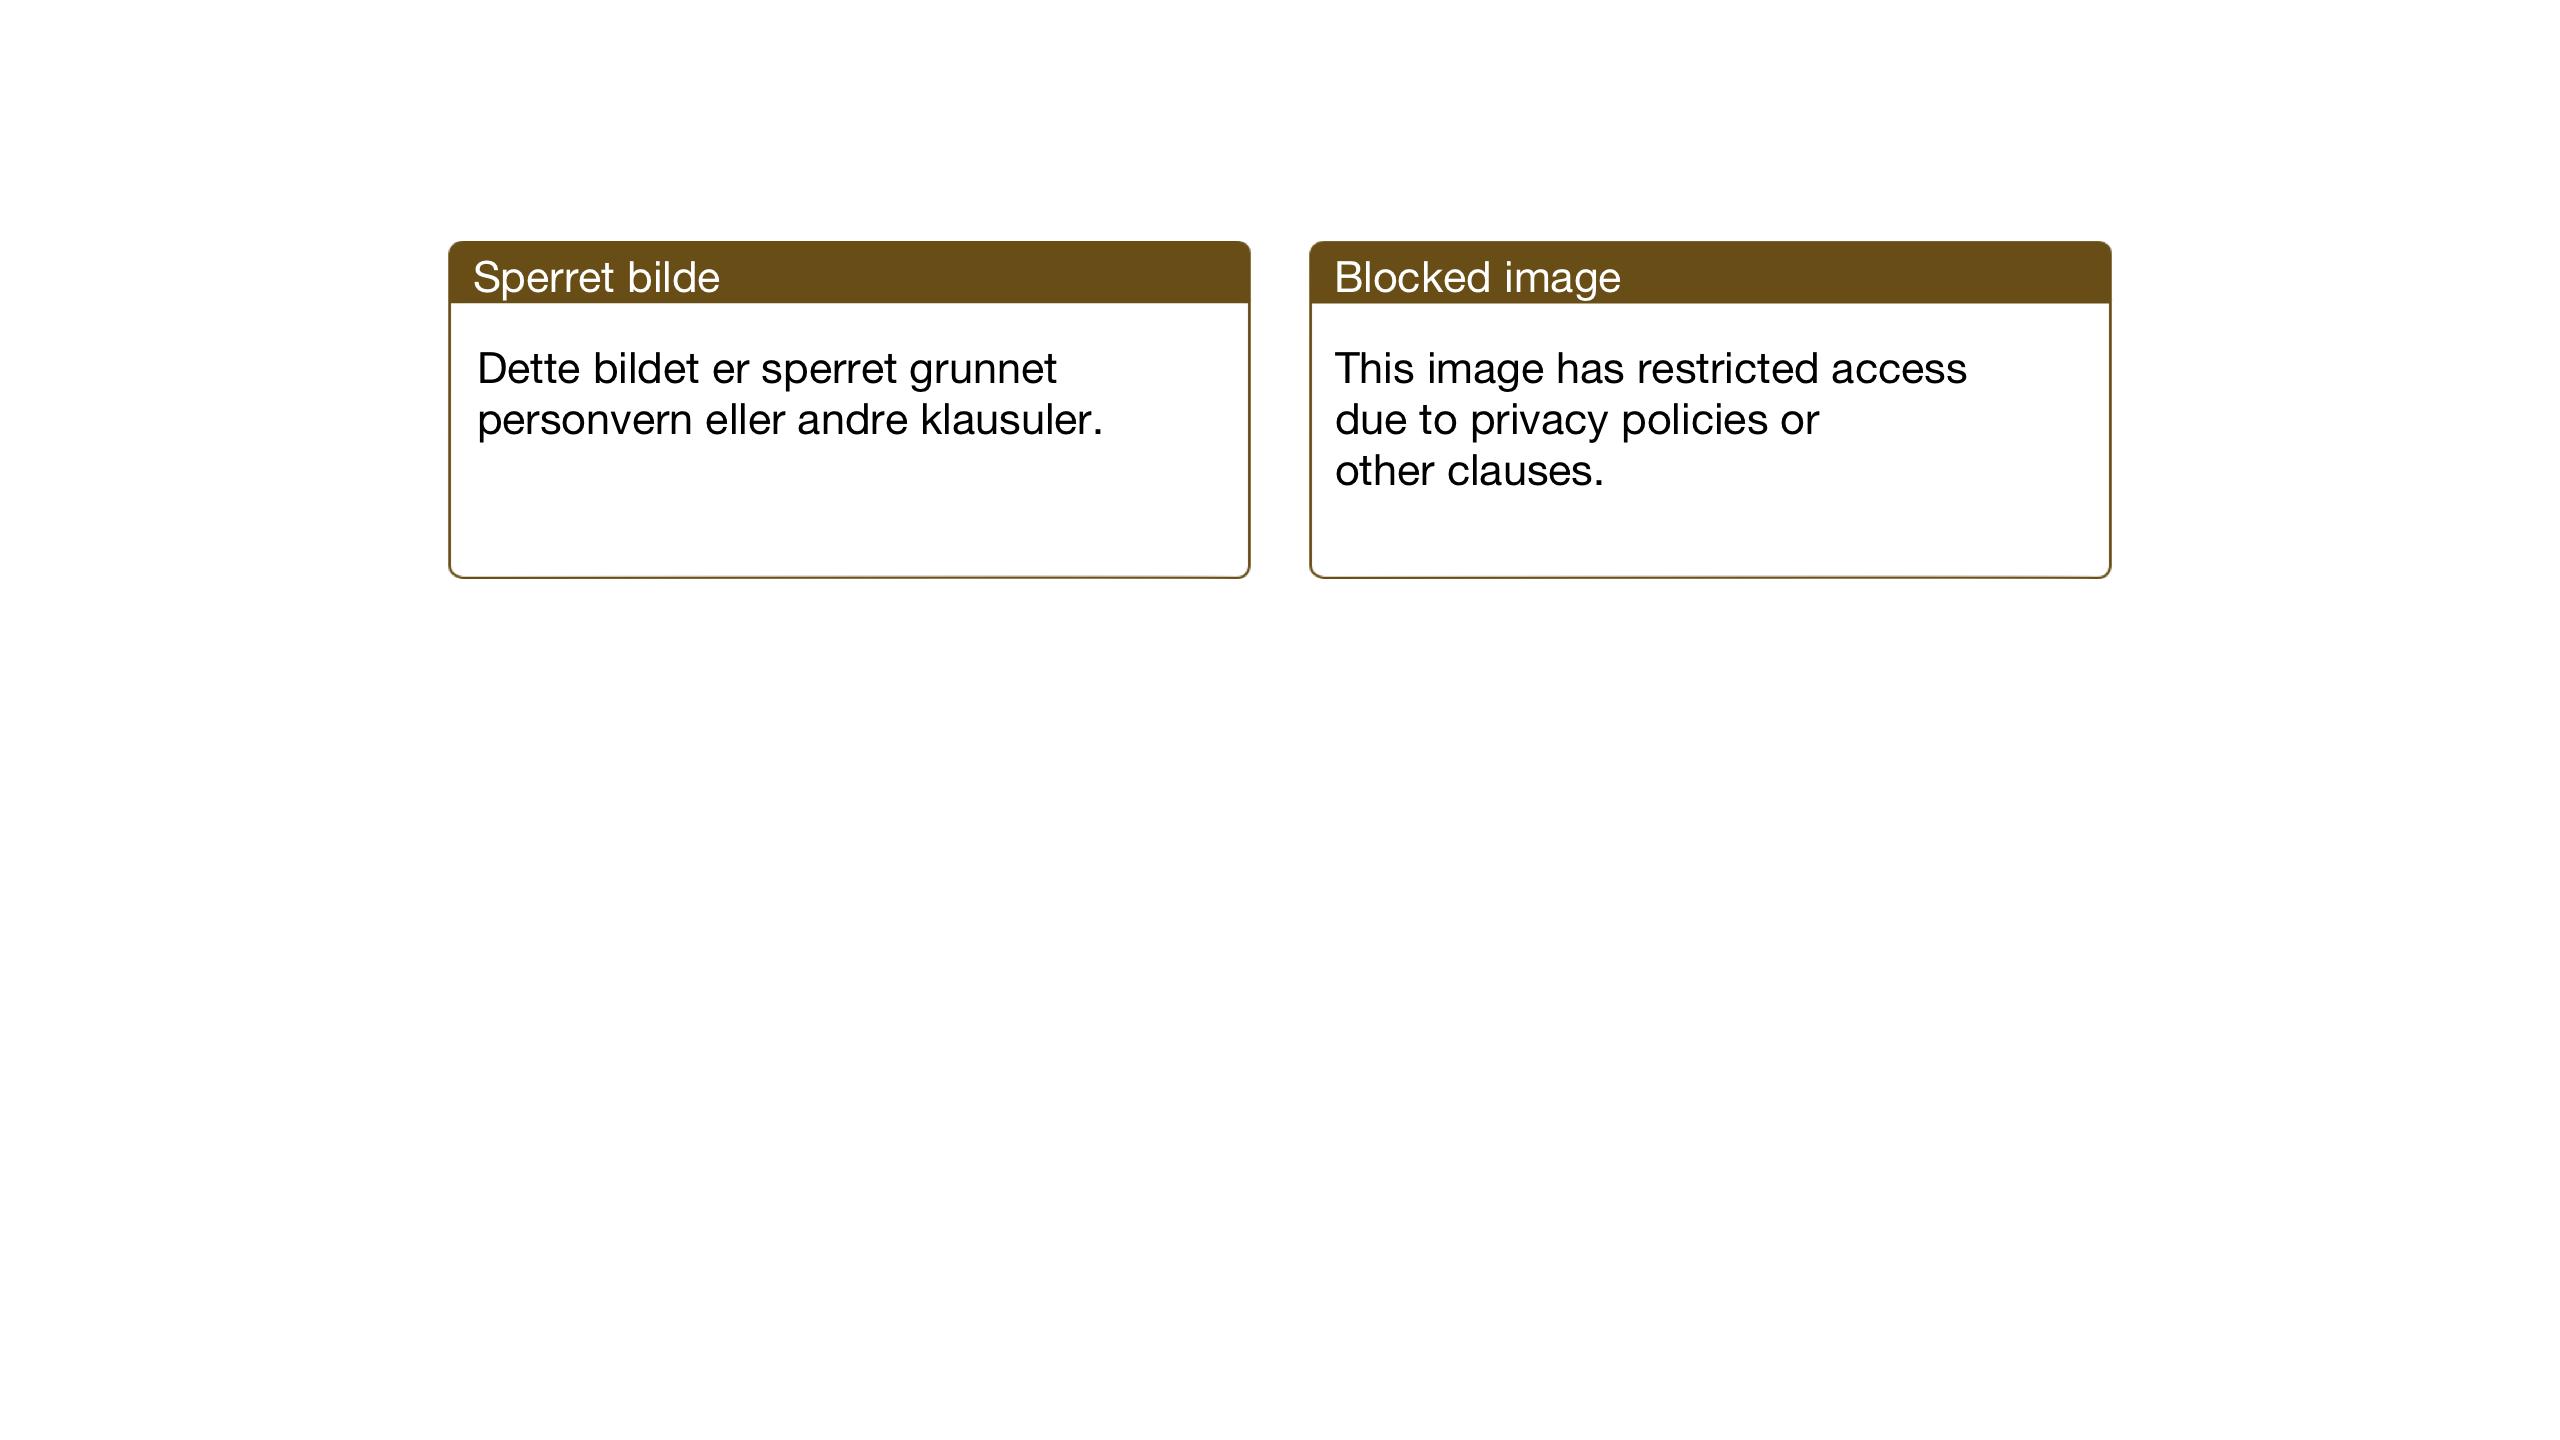 SAT, Ministerialprotokoller, klokkerbøker og fødselsregistre - Nord-Trøndelag, 722/L0227: Klokkerbok nr. 722C03, 1928-1958, s. 37